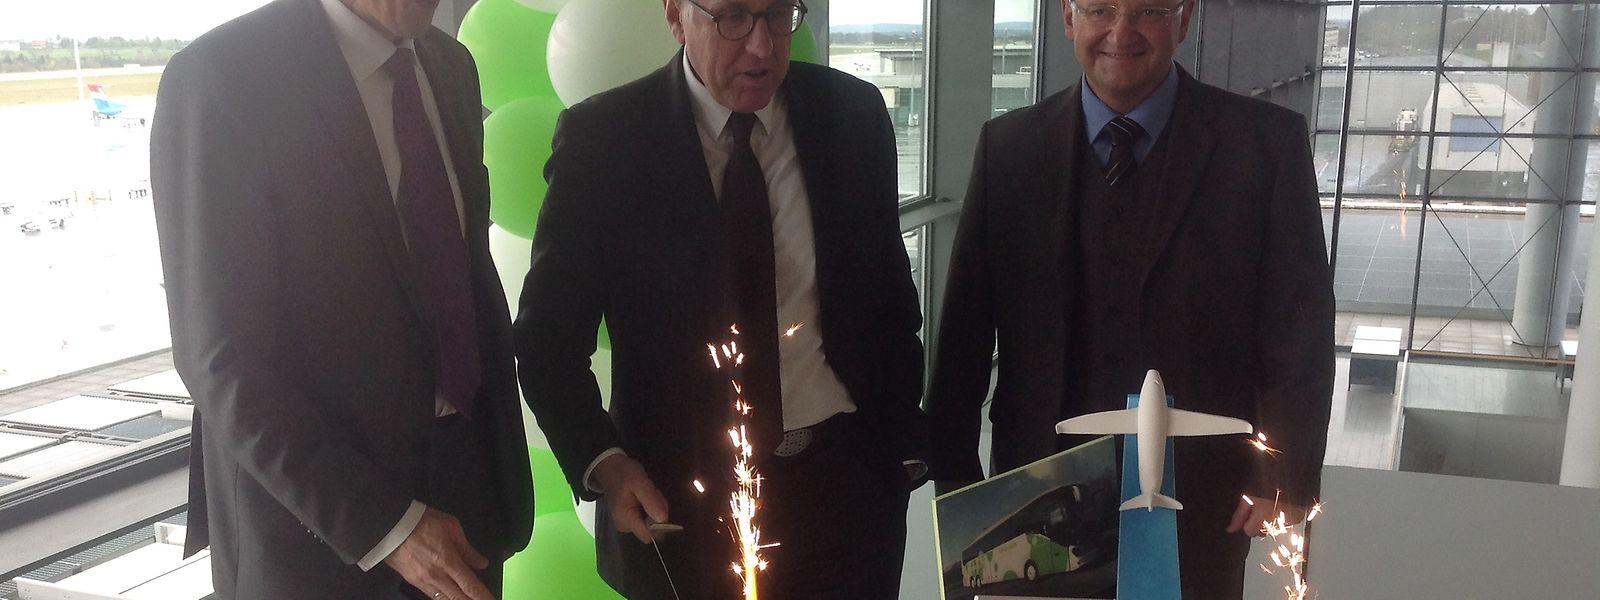 Le ministre des Transports, François Bausch, entouré par le directeur général de lux-Airport, Johan Vanneste et celui de Flibco, Wolfgang Schroeder, ont découpé le gâteau qui scelle leur travail commun